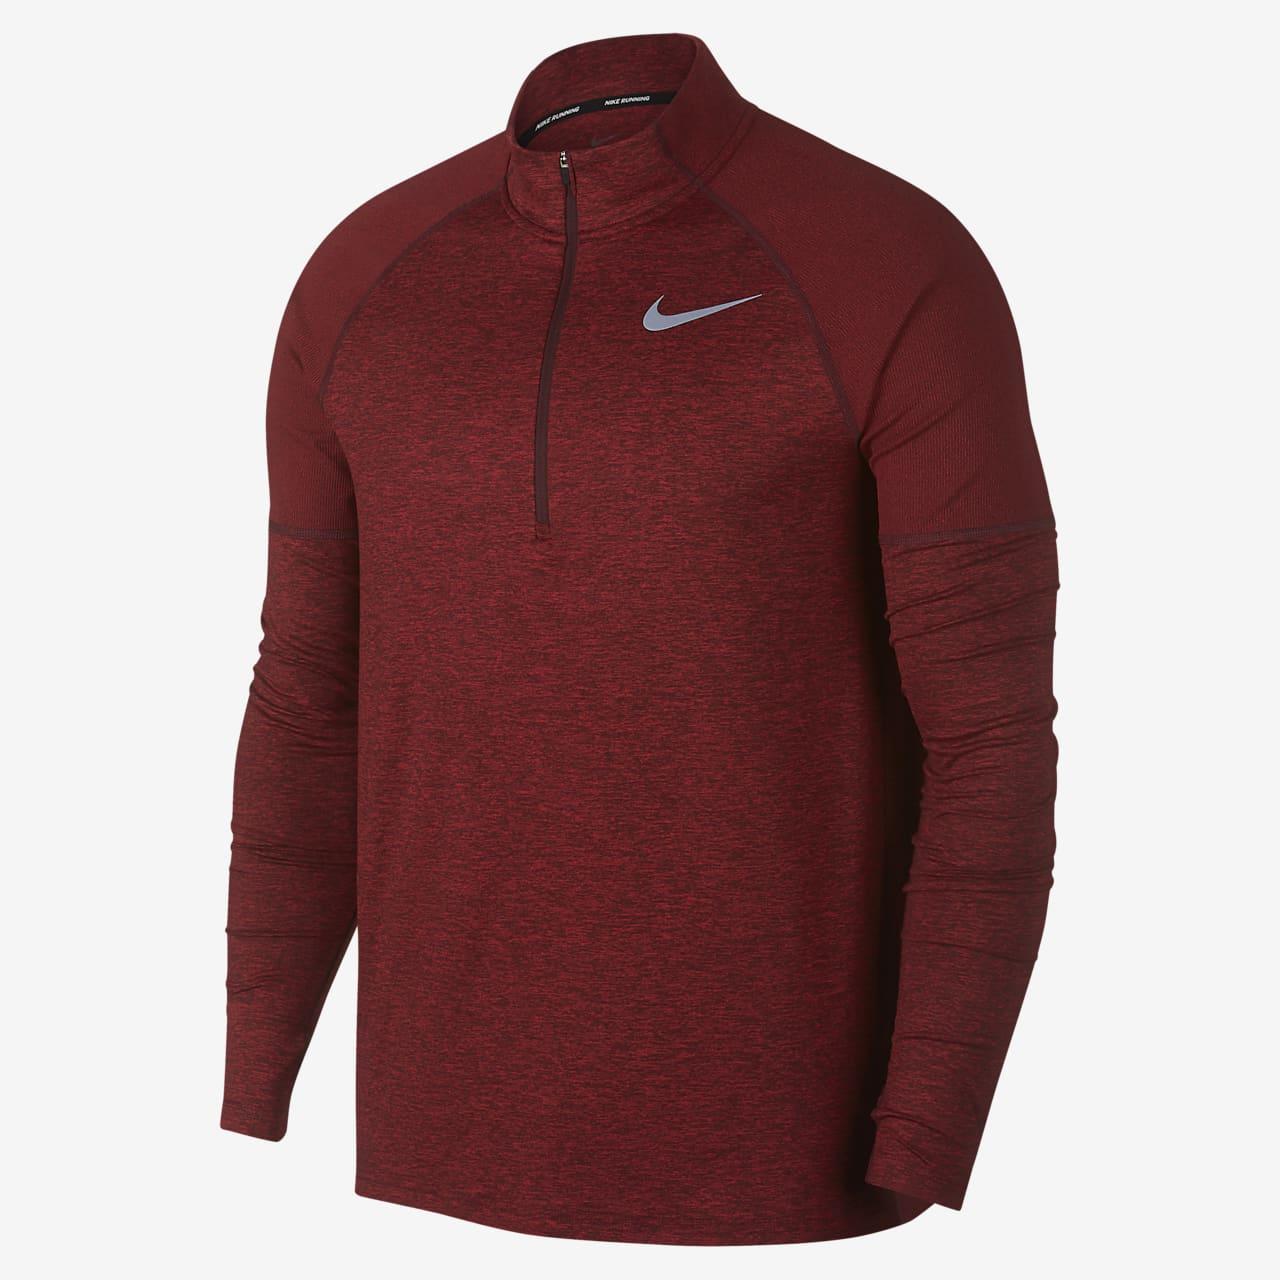 Ανδρική μπλούζα για τρέξιμο με φερμουάρ στο μισό μήκος Nike